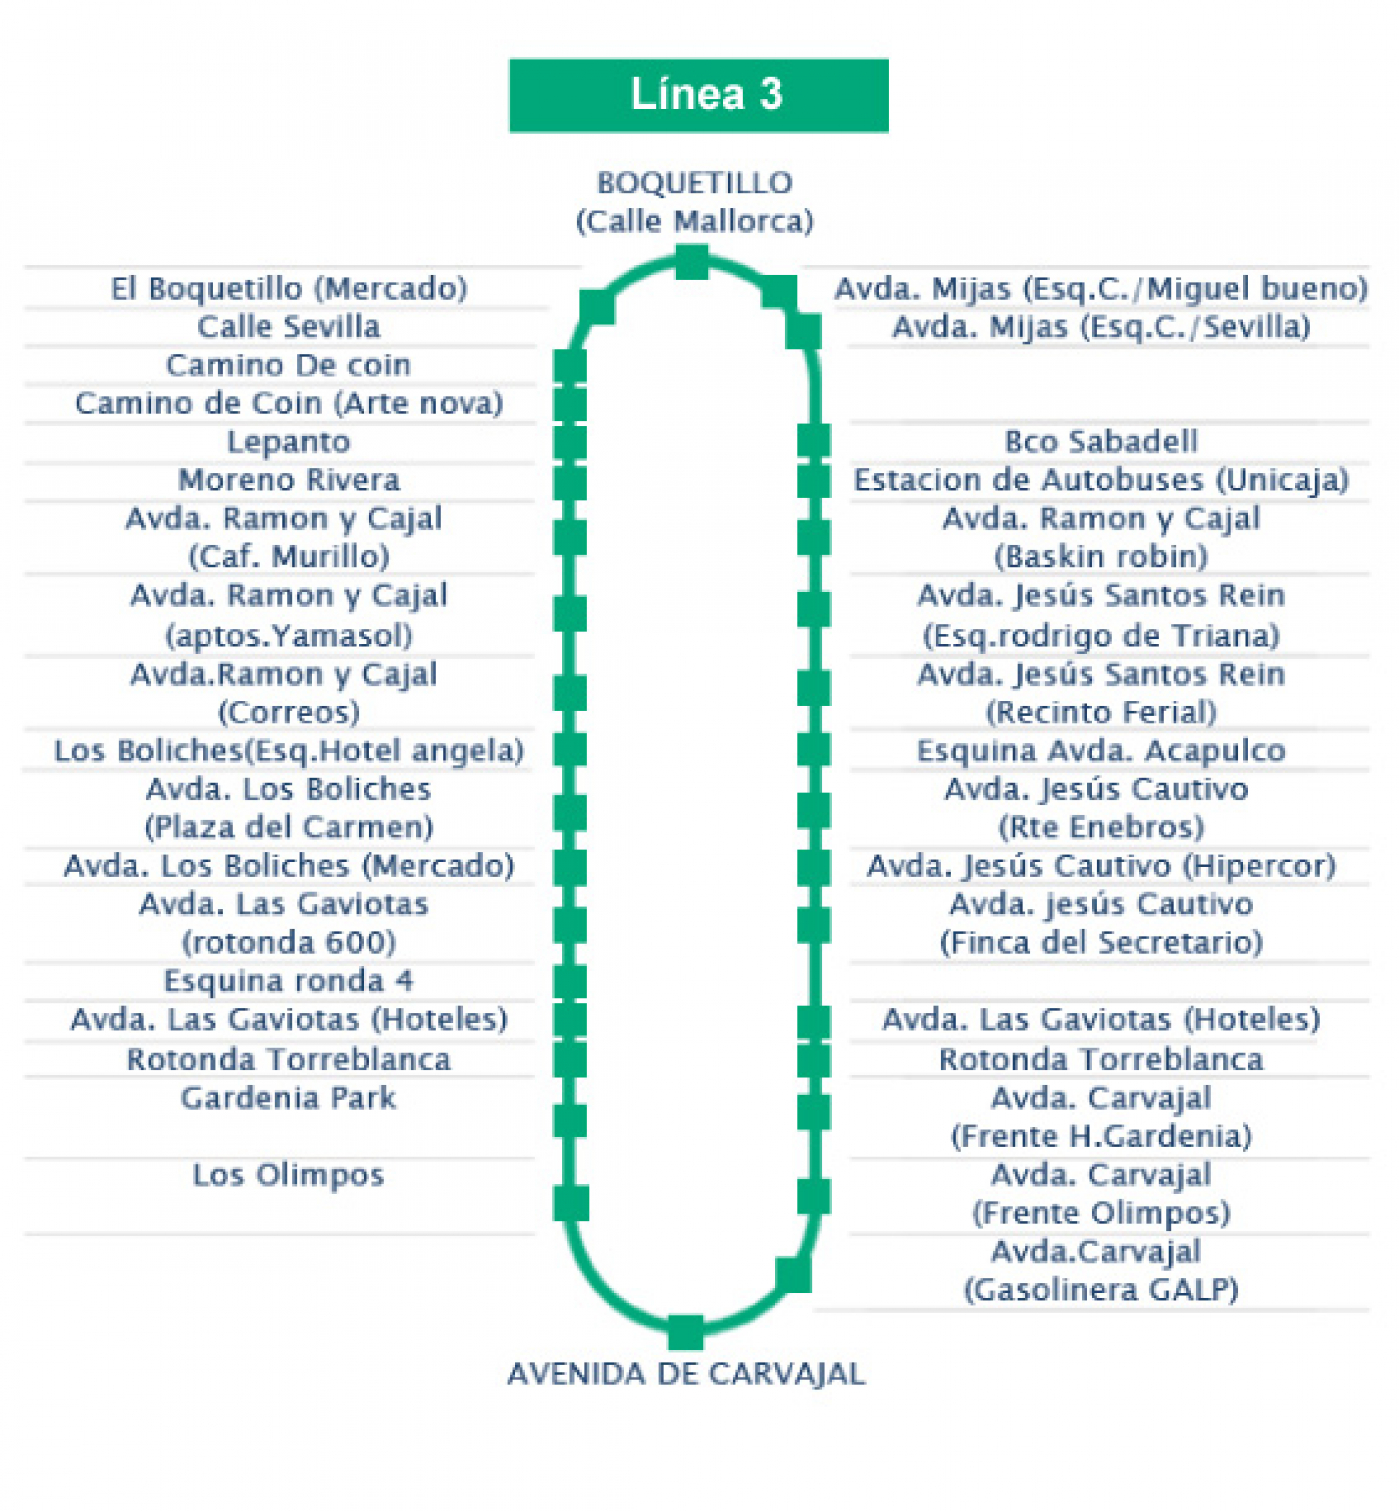 Recorrido esquemático, paradas y correspondencias Línea 3: Boquetillo - Carvajal